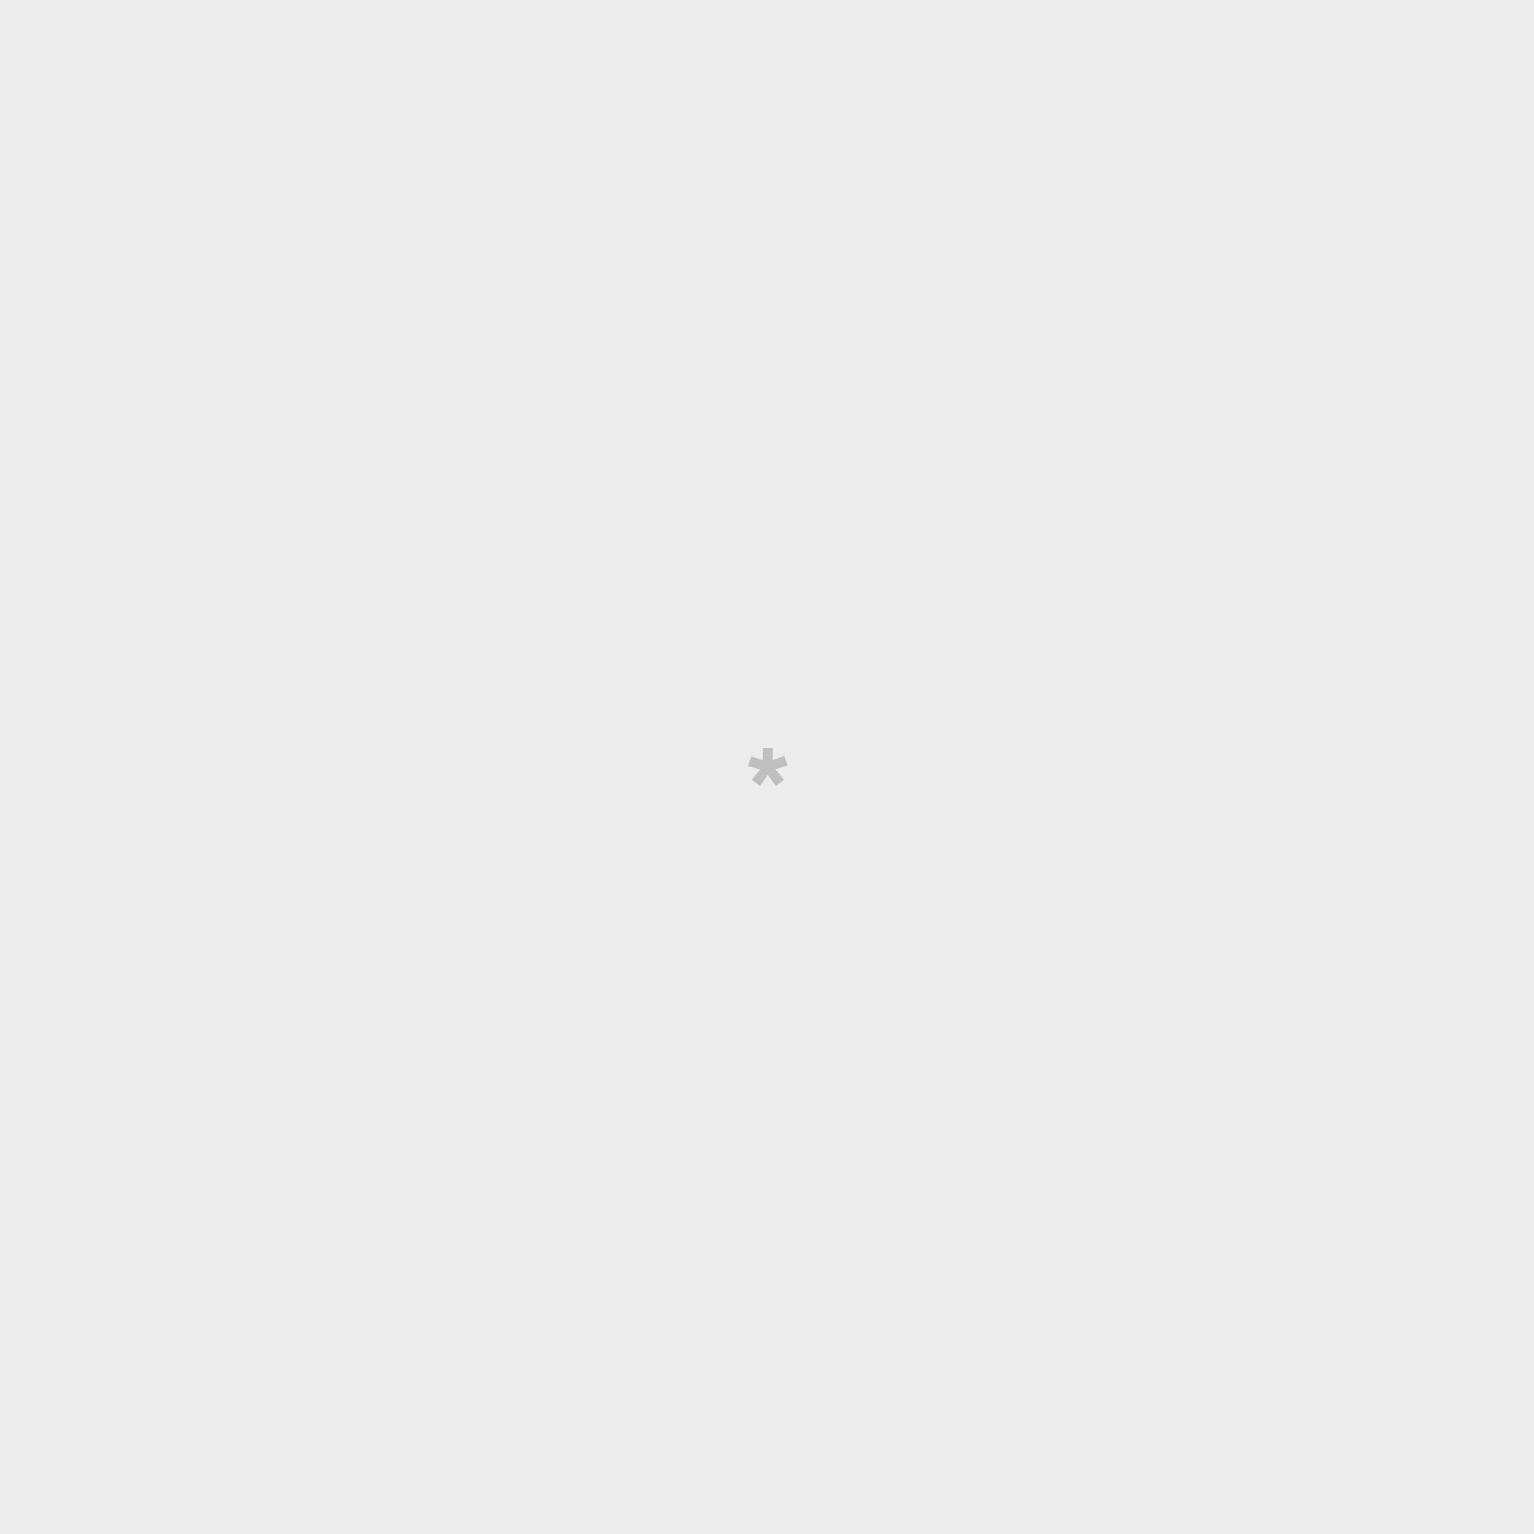 Juego de cartas - 100 preguntas que solo tú y yo sabemos